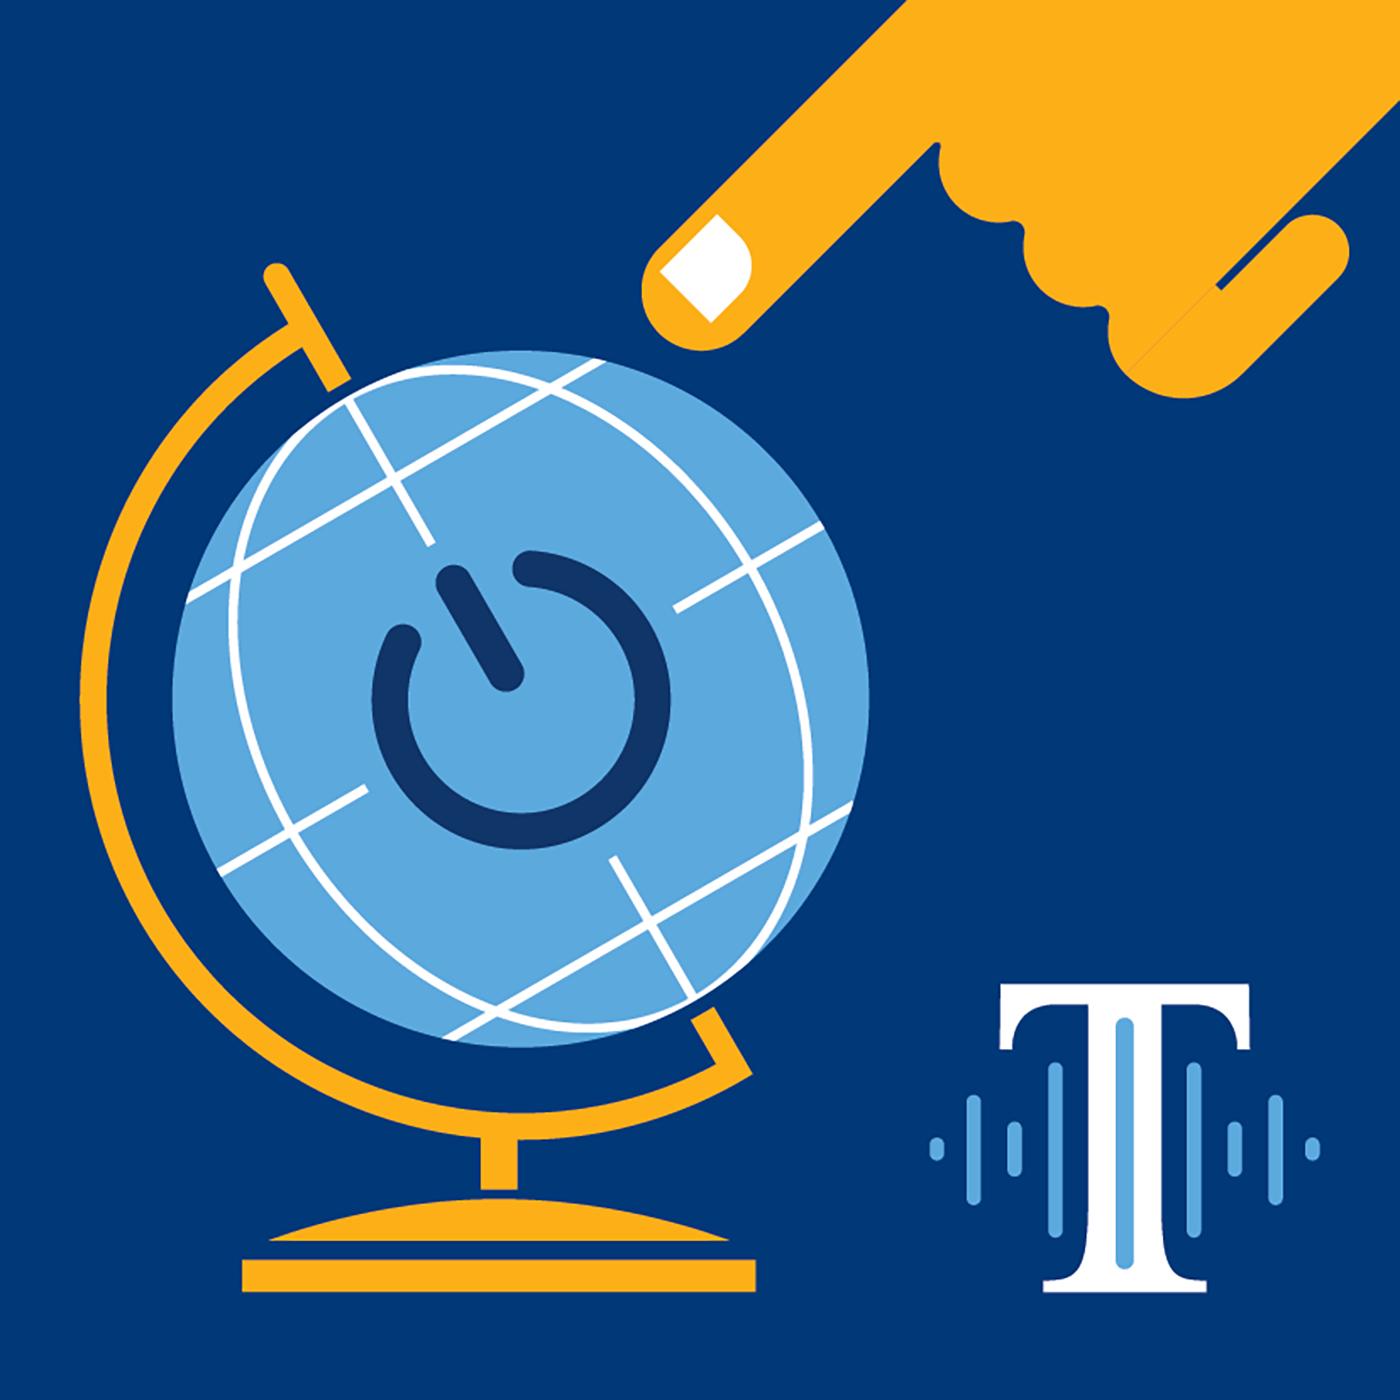 De Tijd Herstart logo